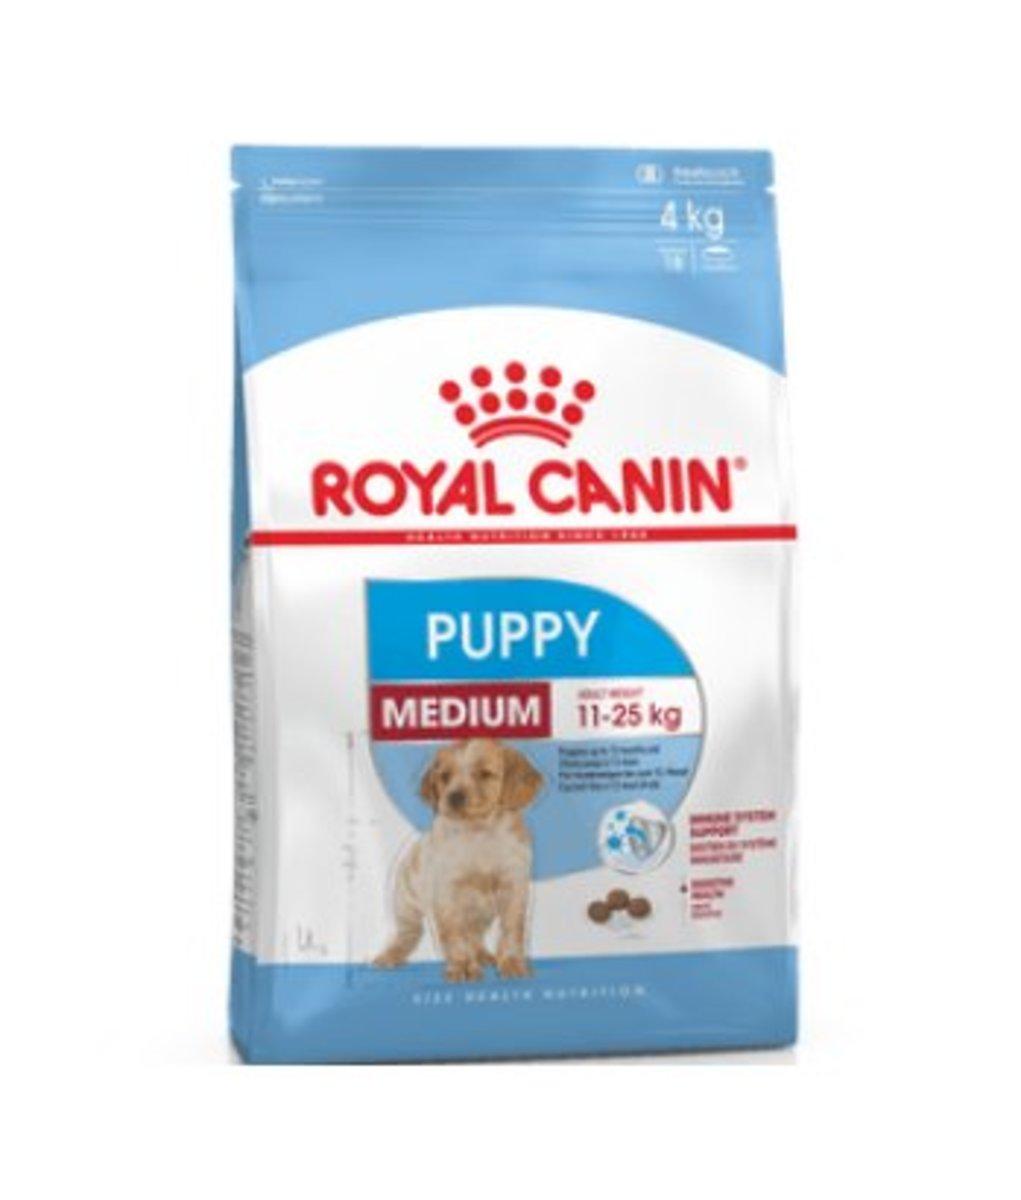 Royal canin AM32 Junior Medium 15kg